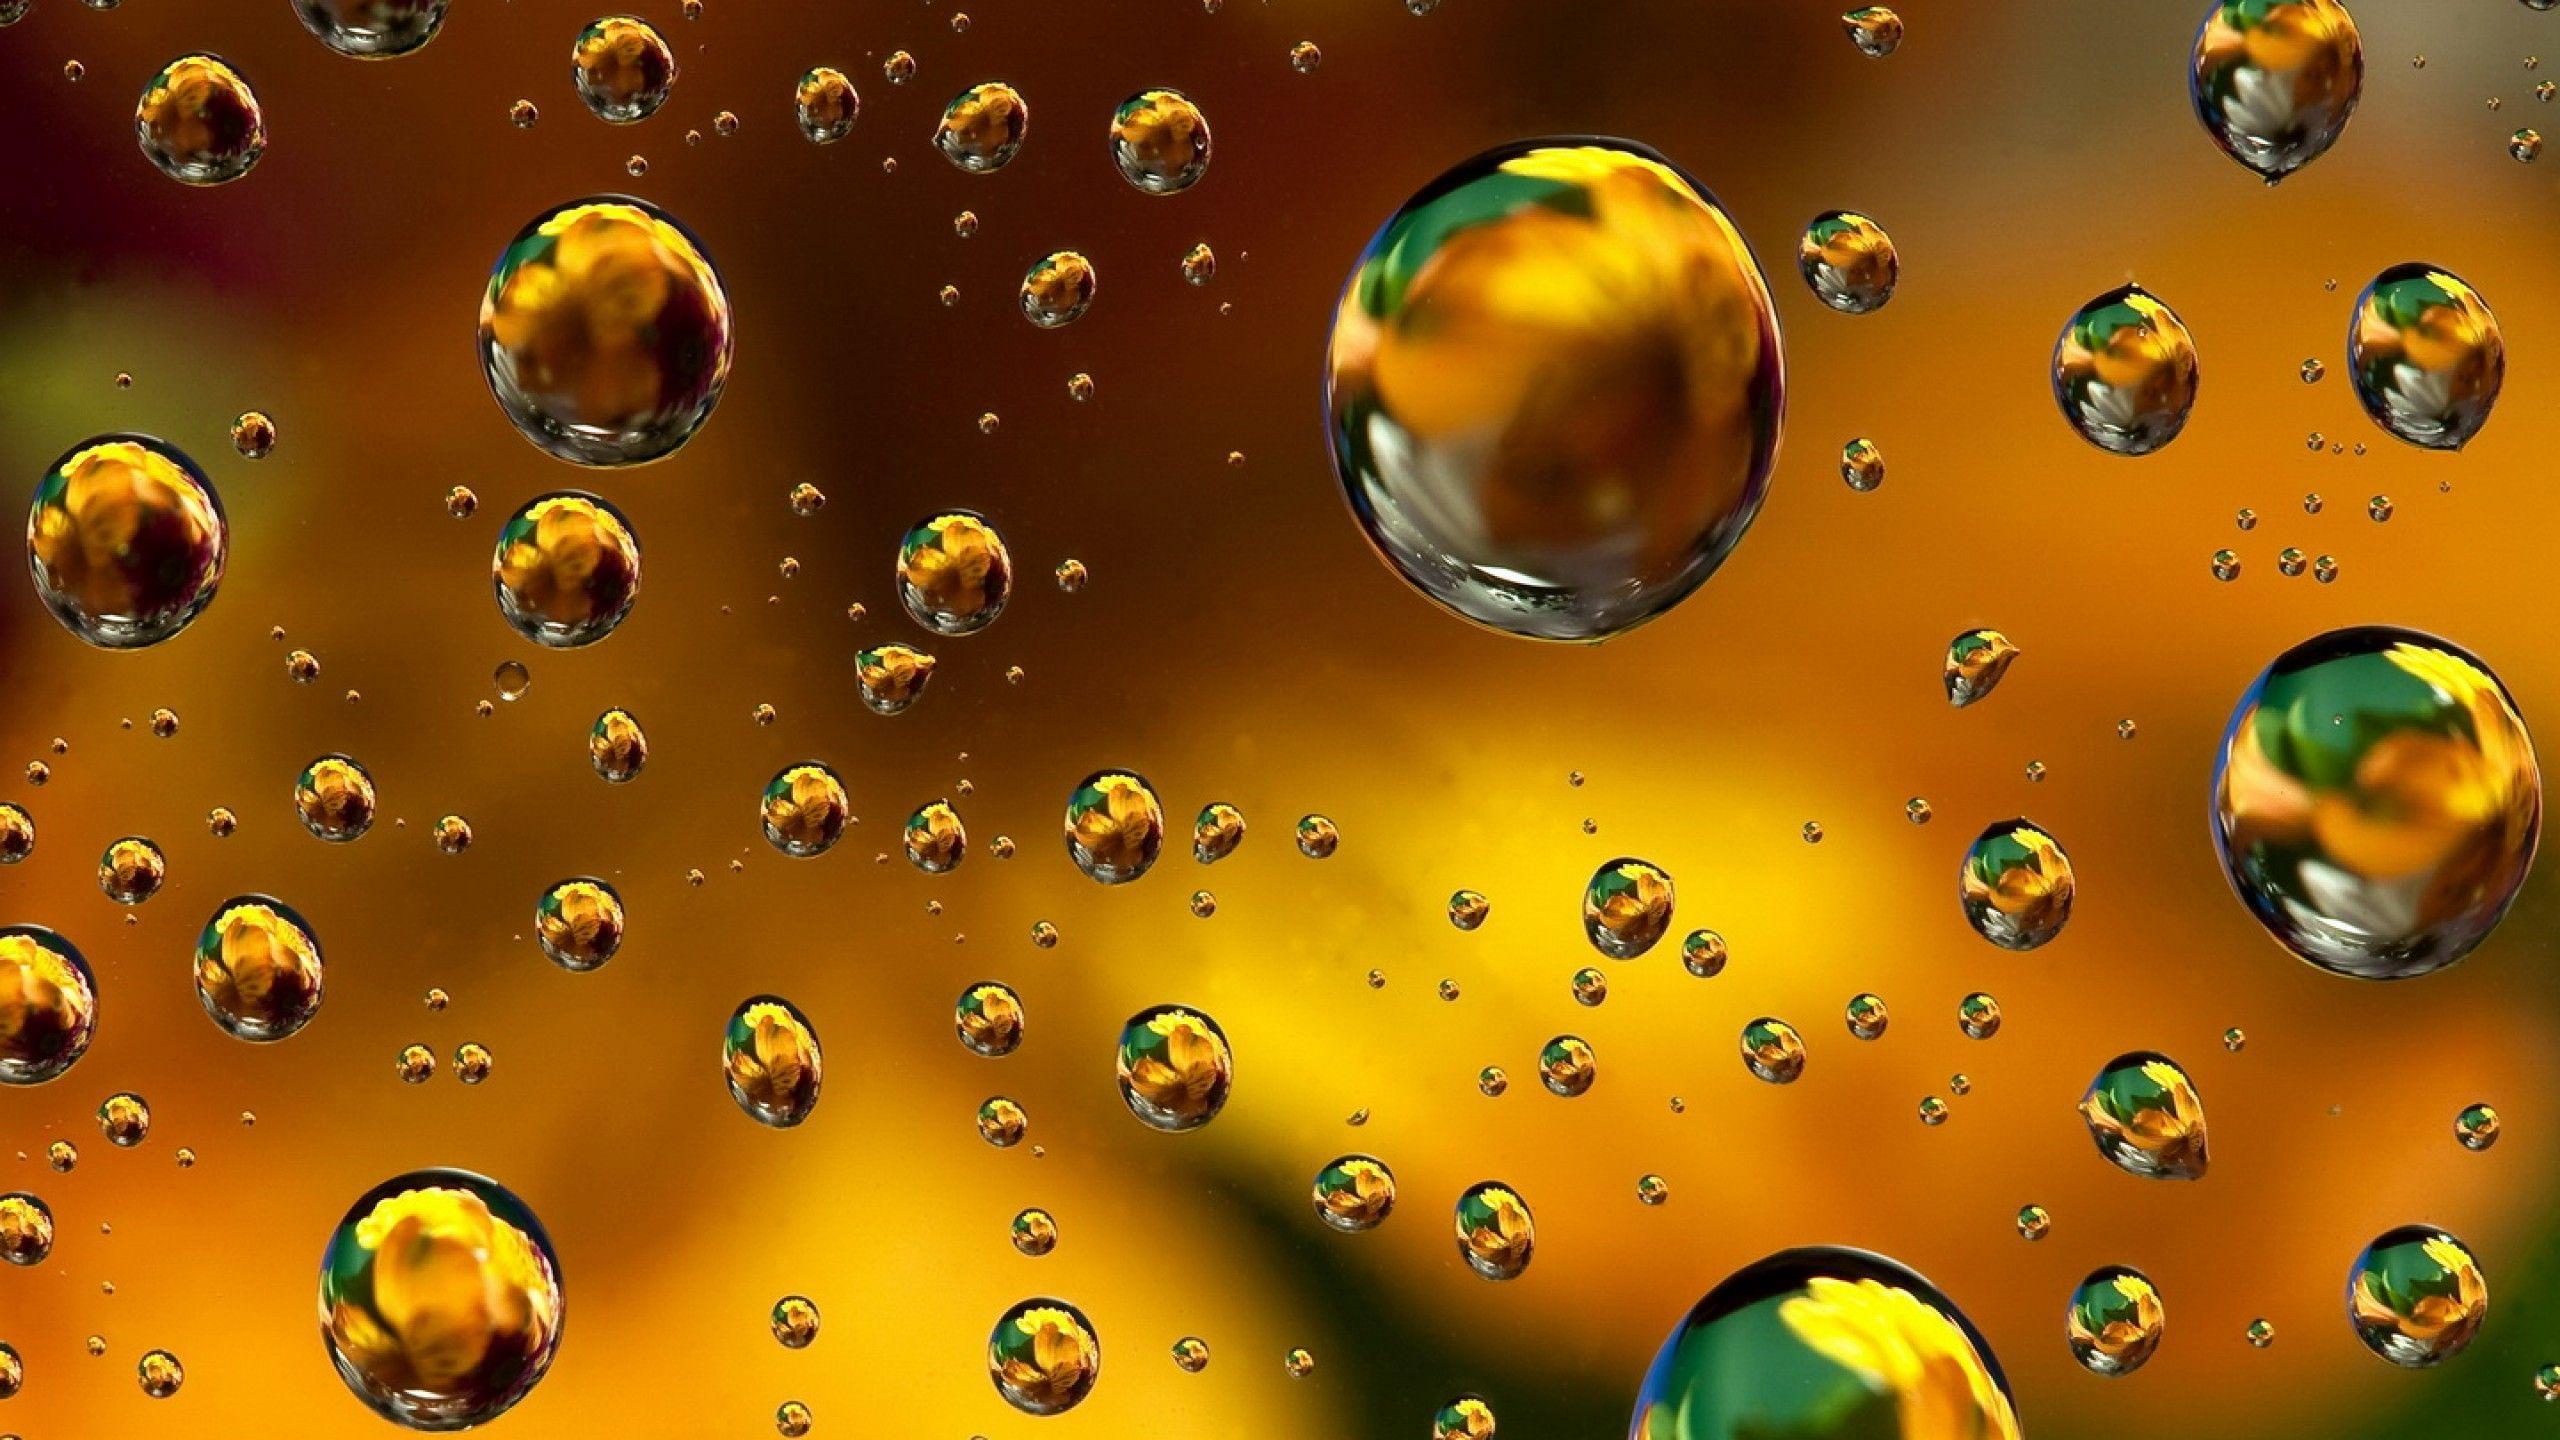 bubbles desktop 1024x768 - photo #31